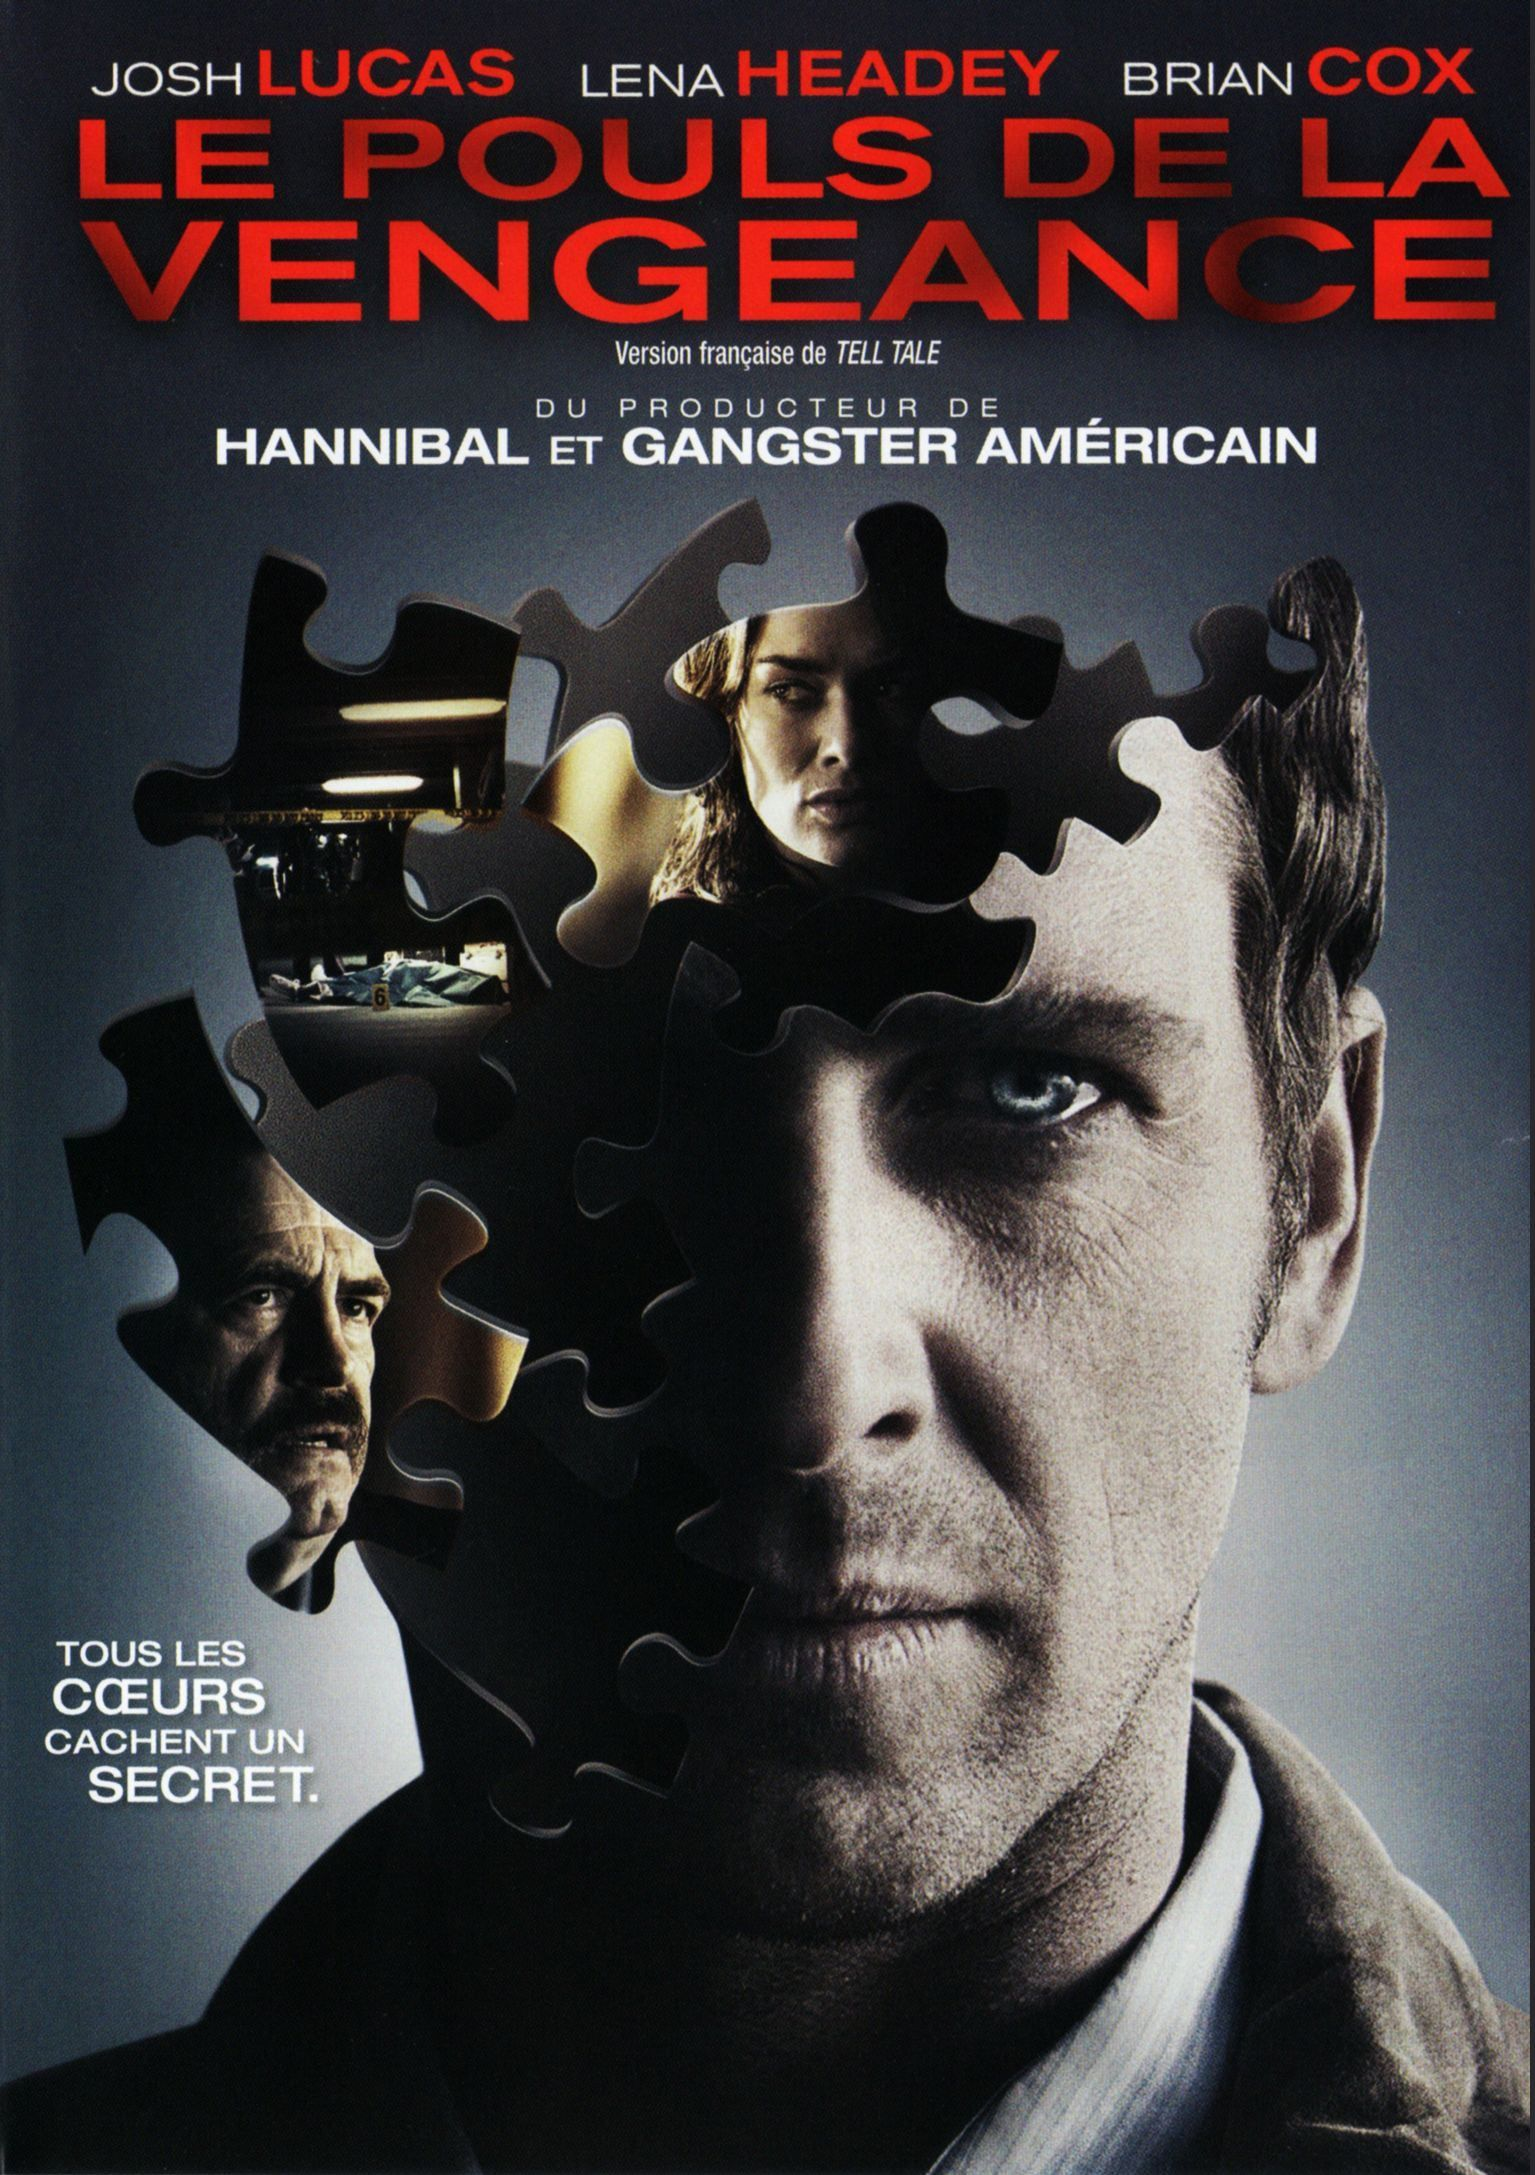 Le Pouls de la vengeance - Film (2007)